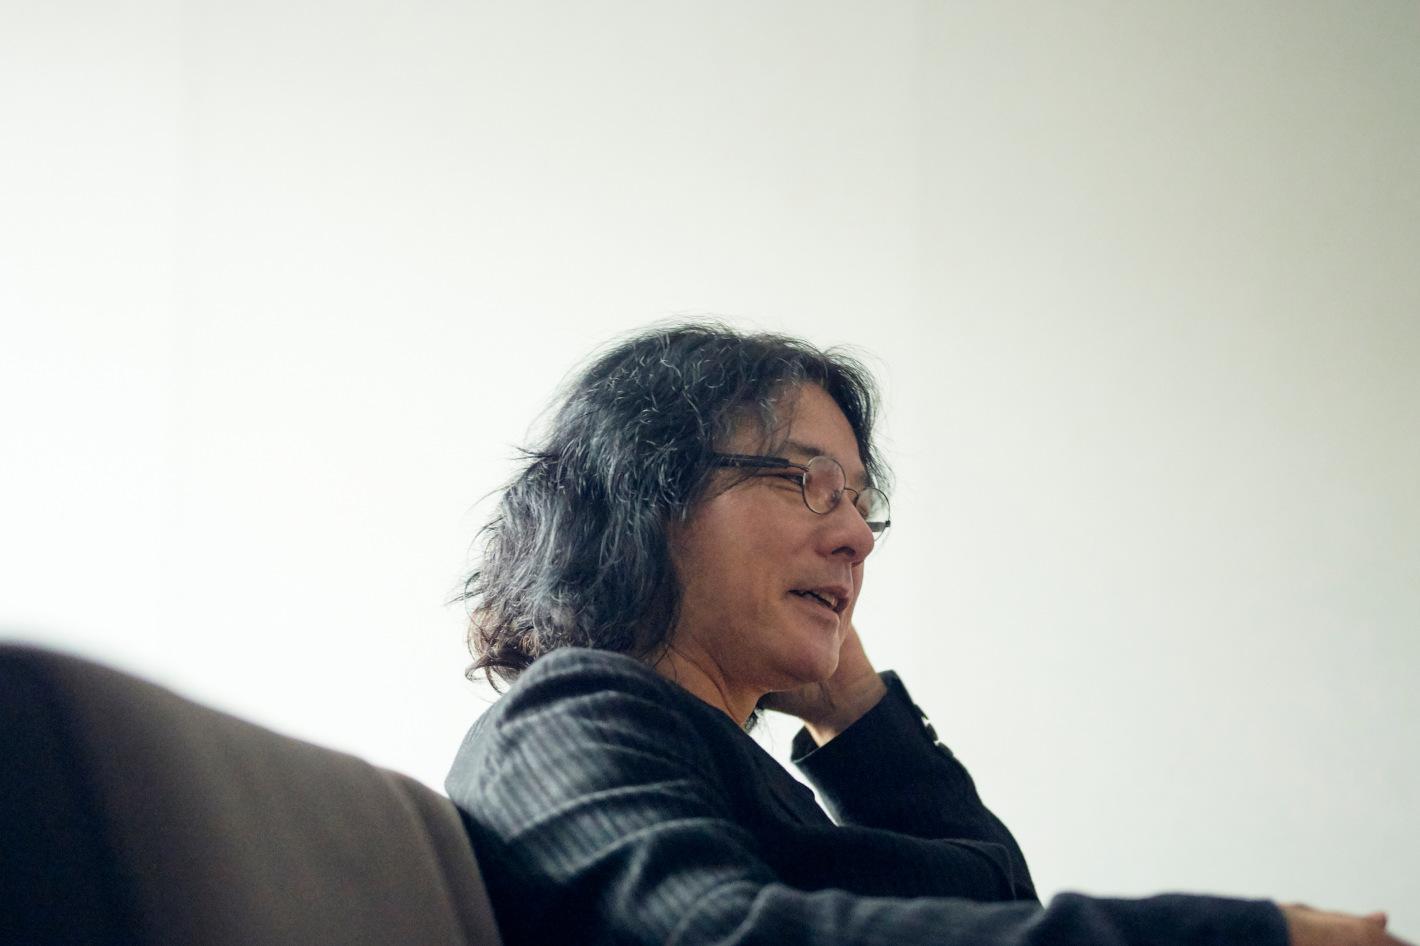 岩井俊二監督インタビュー - 自然の光で描き出す、人間の感情表現